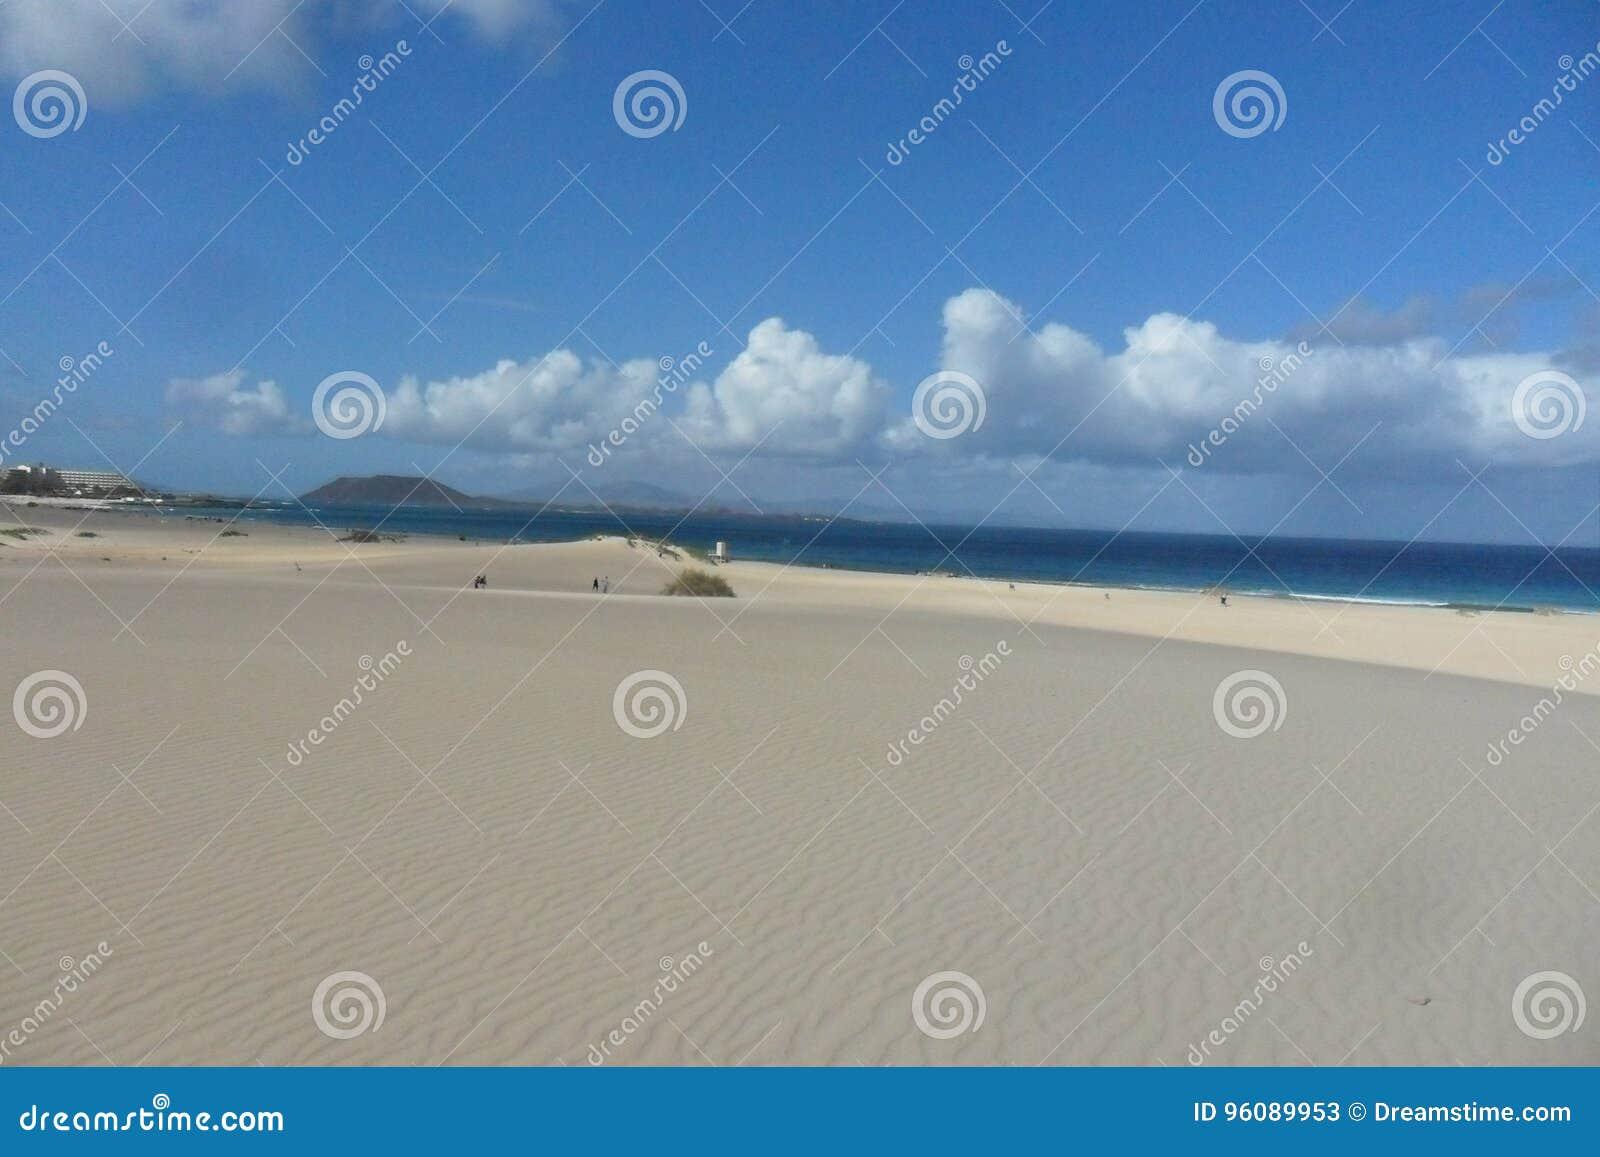 Die Dünen von Corralejo in Fuerteventura-Insel in den Kanarischen Inseln